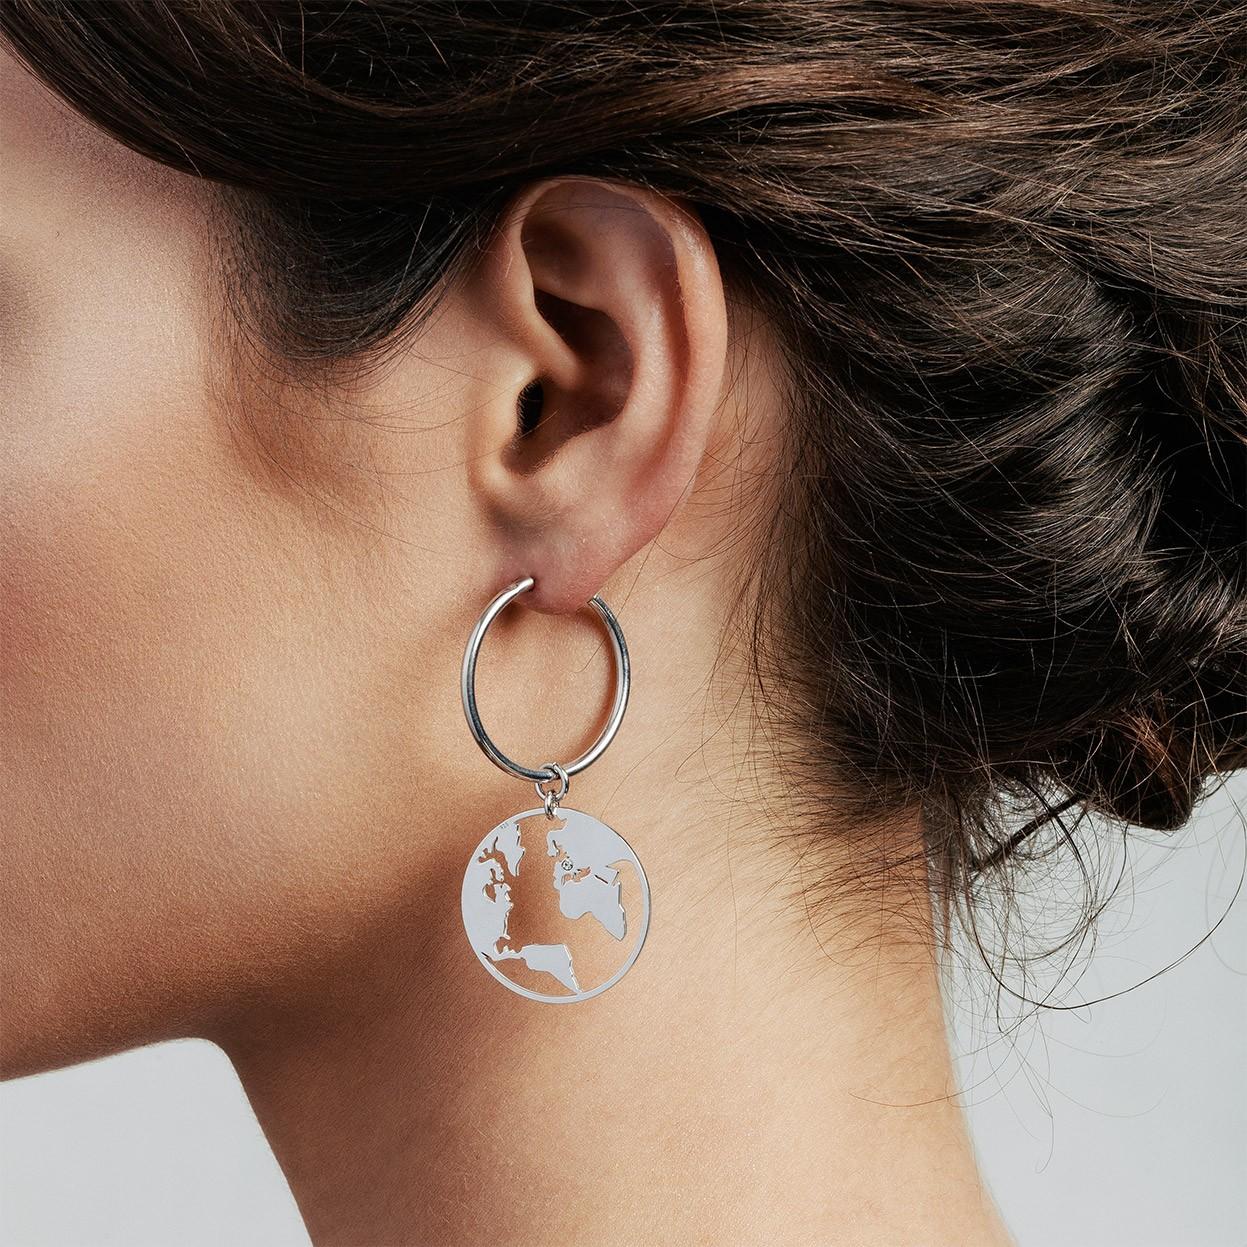 Attraversare cerchio orecchini argento 925